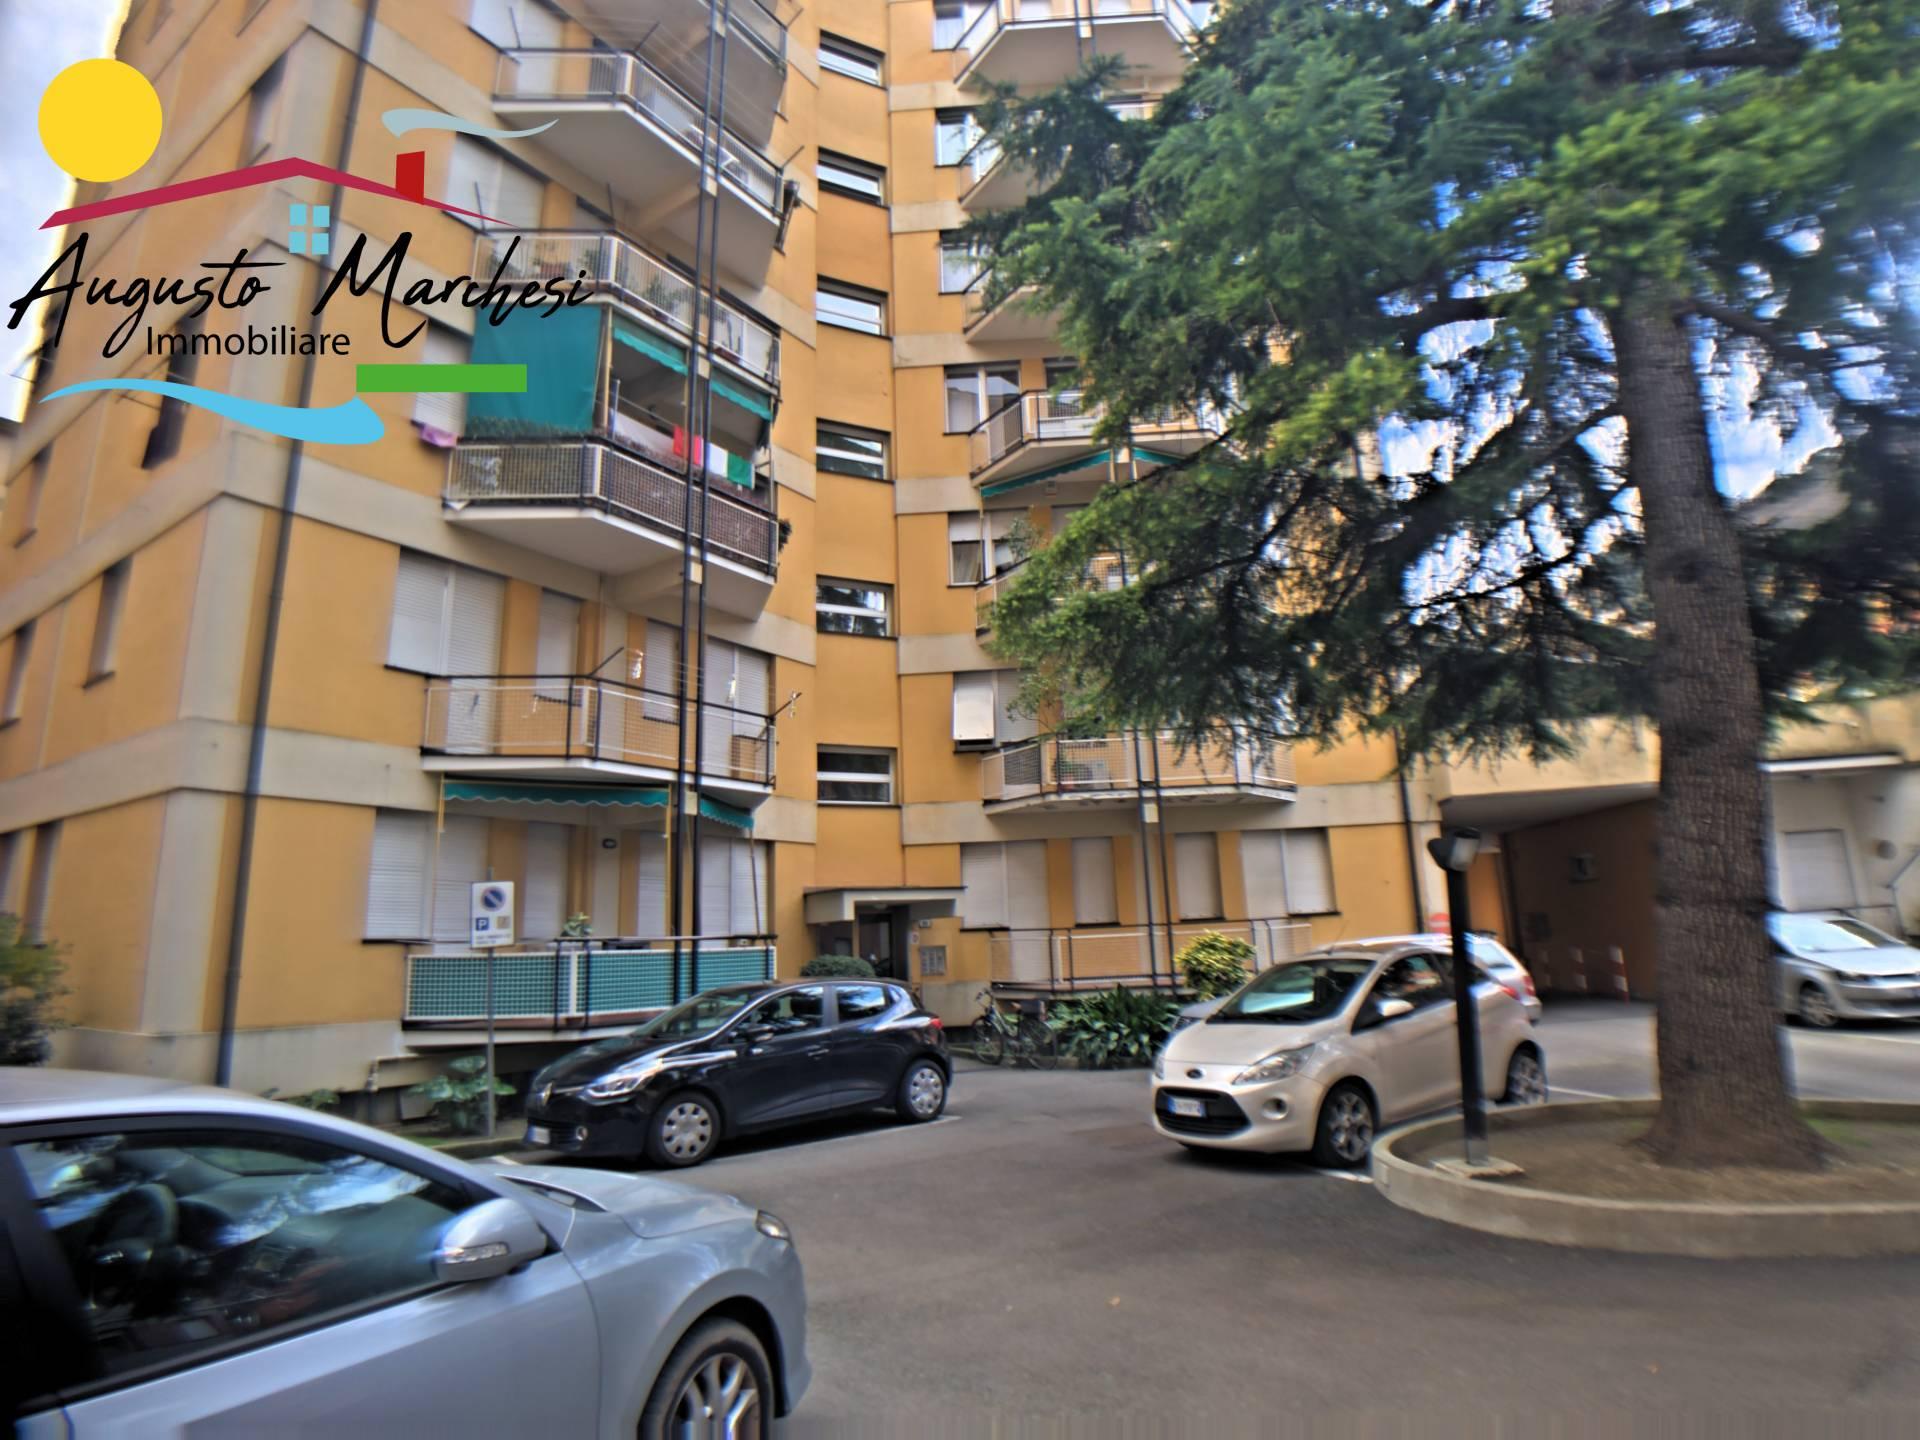 Appartamento in affitto a Recco, 6 locali, zona Località: centrale, prezzo € 600 | CambioCasa.it